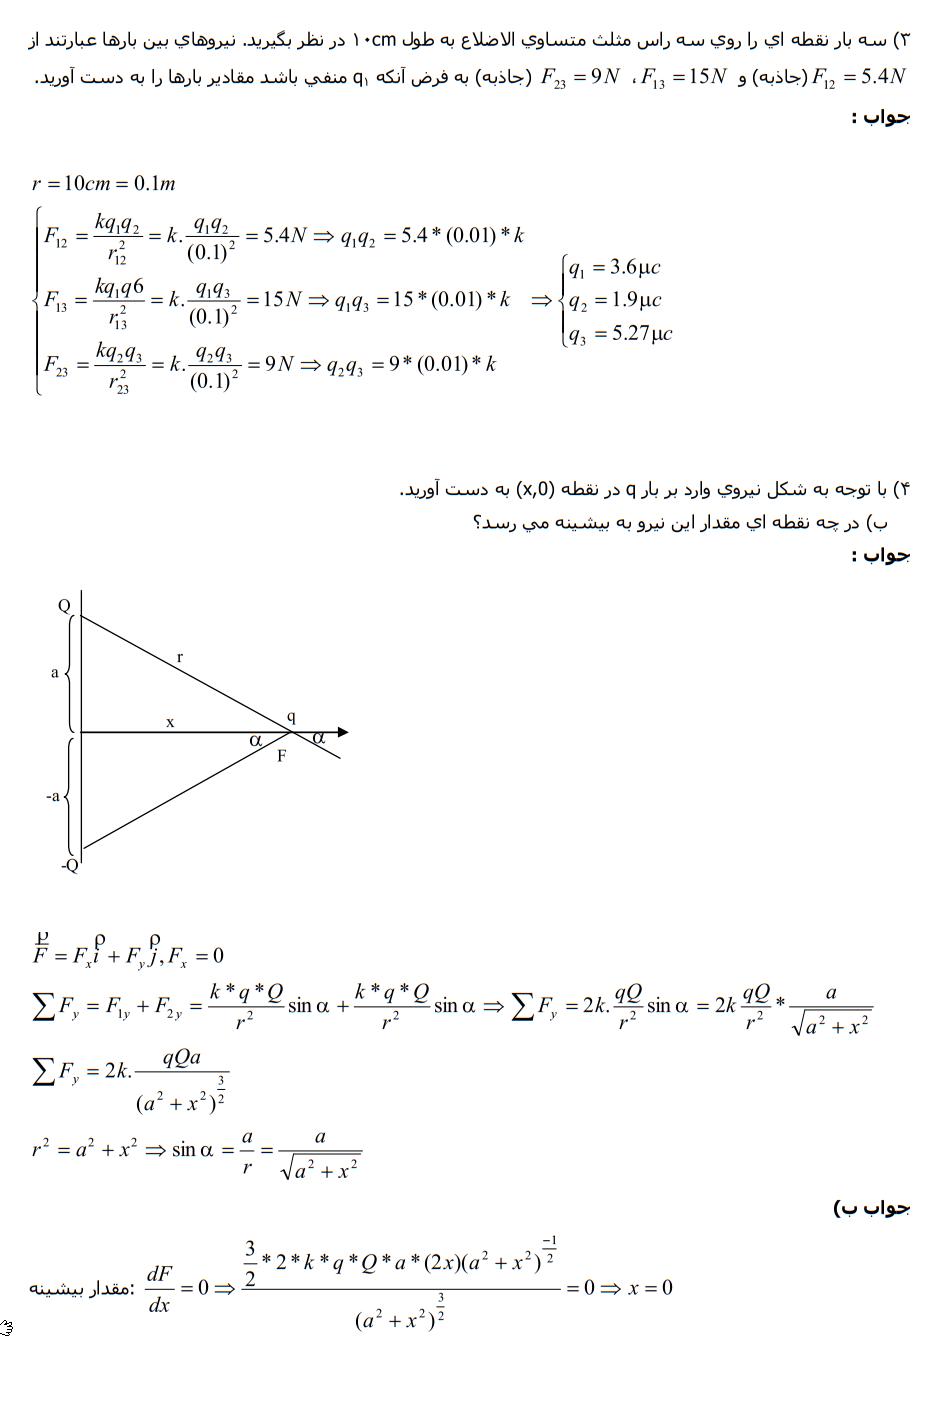 نمونه سوالات تشریحی فیزیک 2 پیام نور با جواب